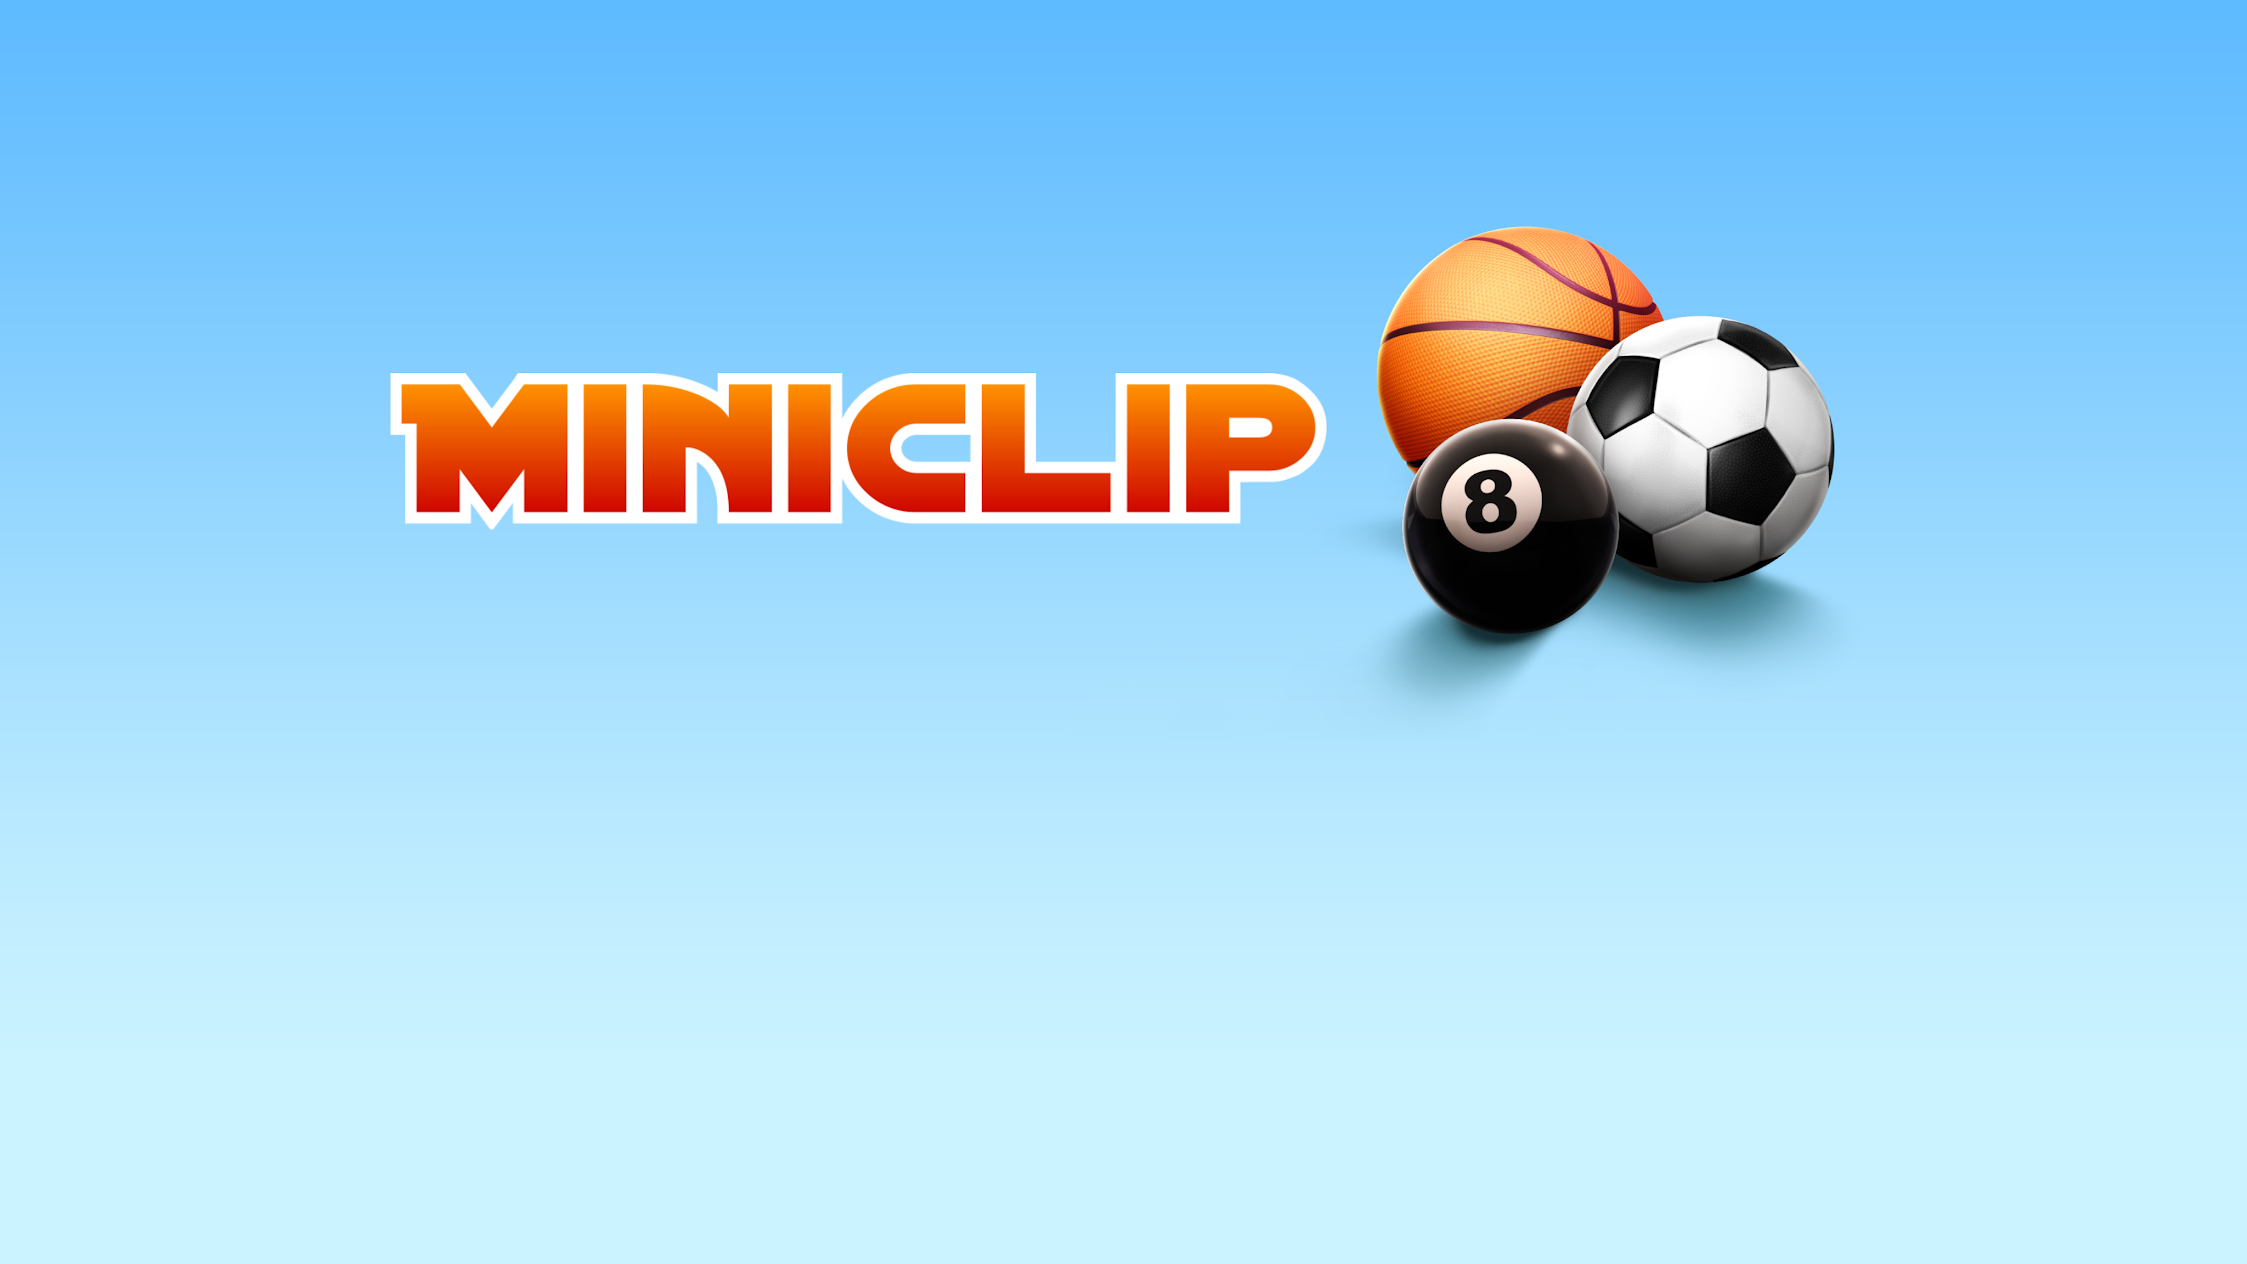 Miniclip.com